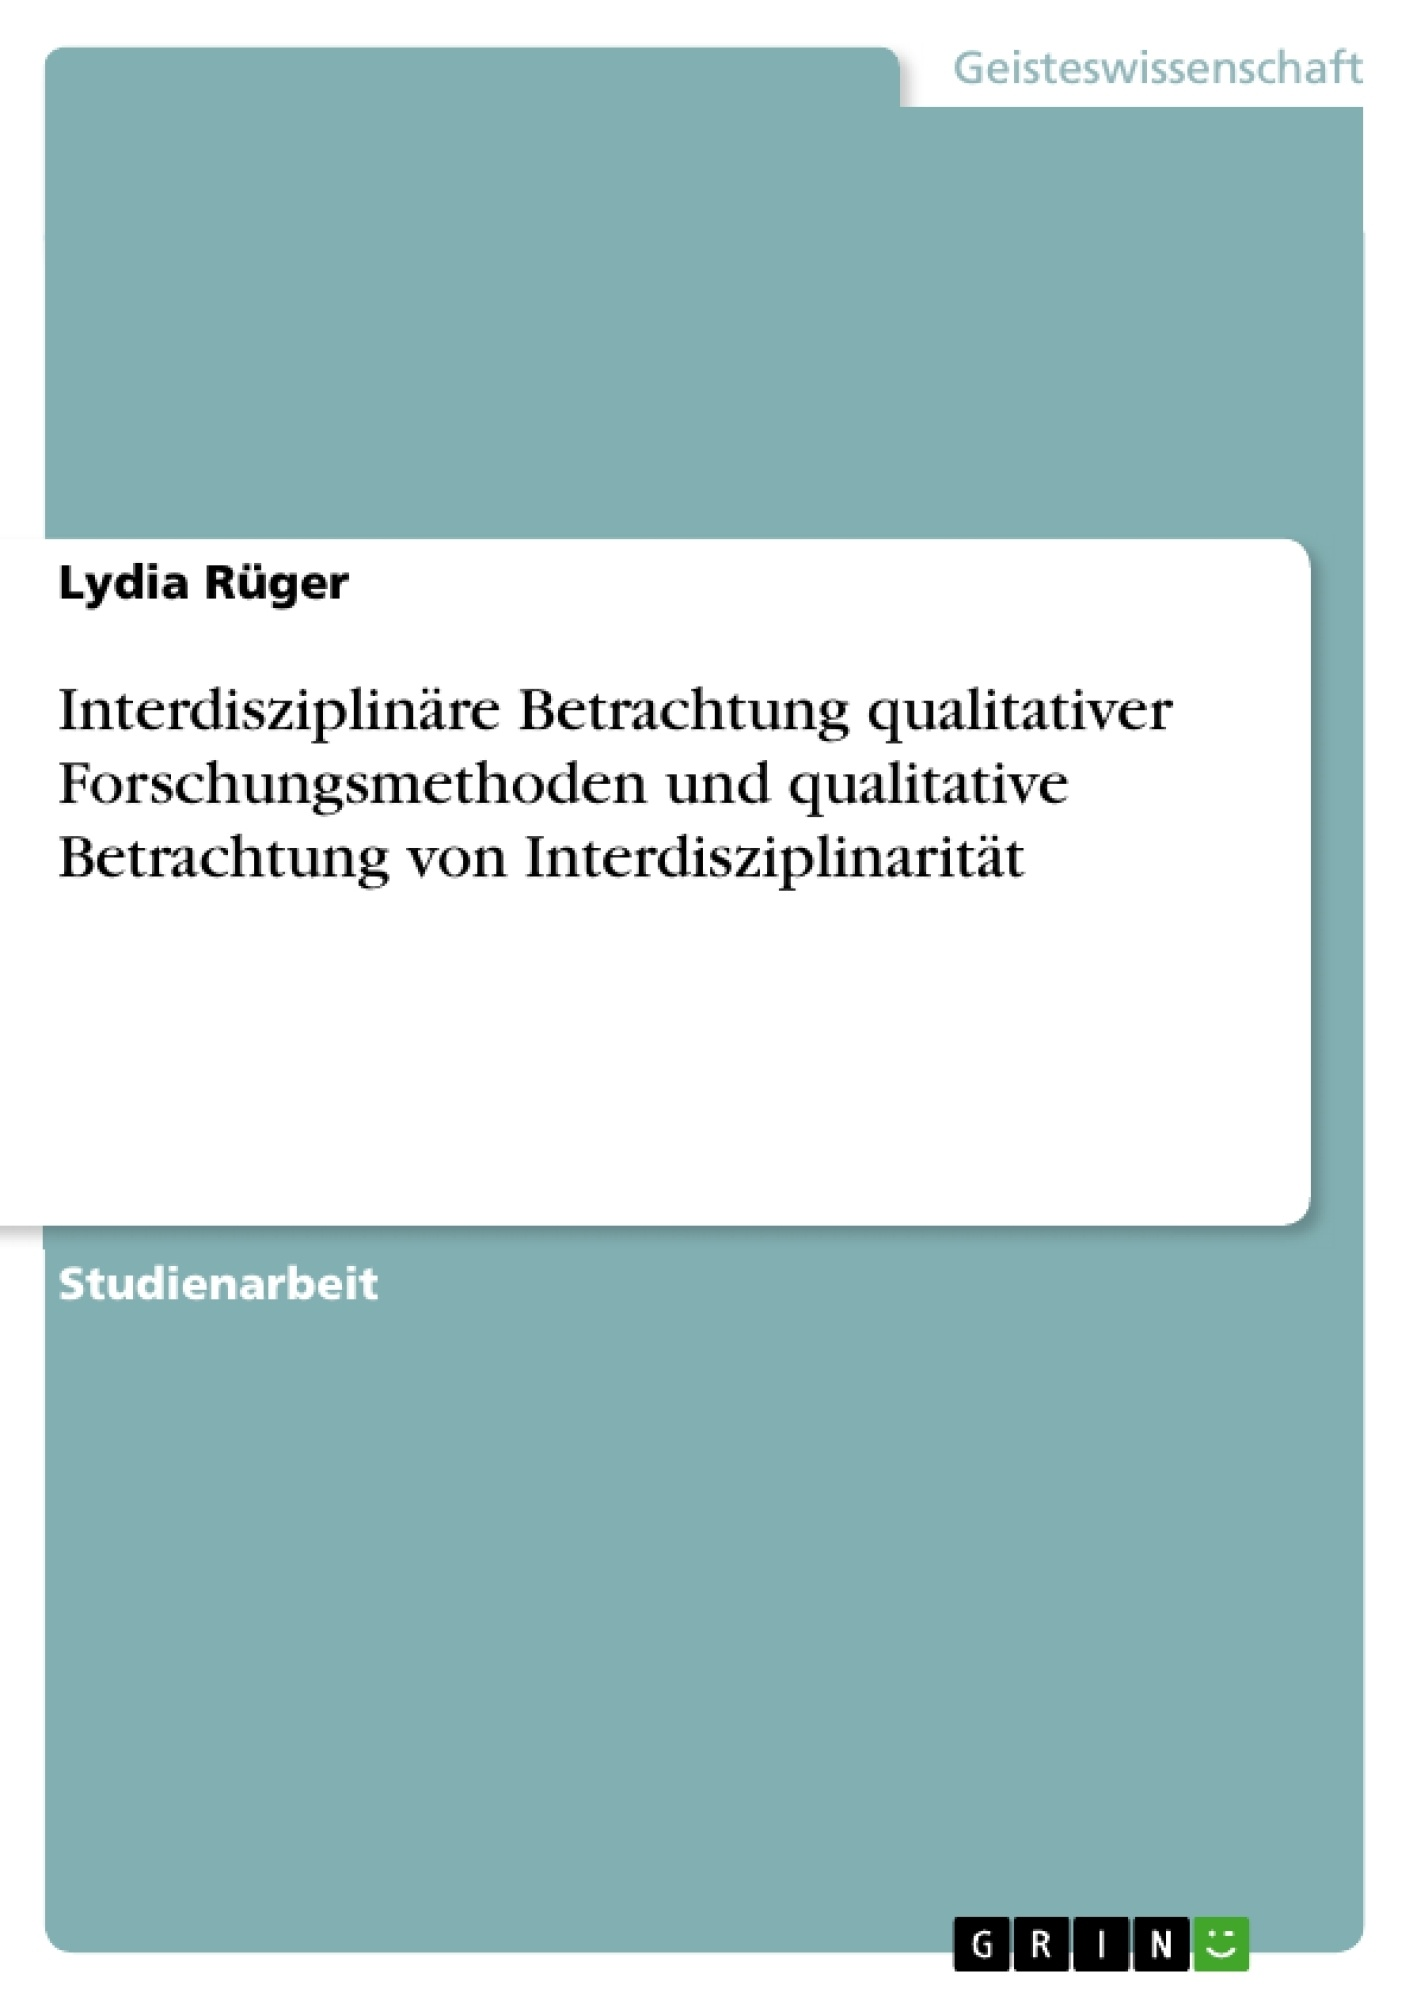 Titel: Interdisziplinäre Betrachtung qualitativer Forschungsmethoden und qualitative Betrachtung von Interdisziplinarität